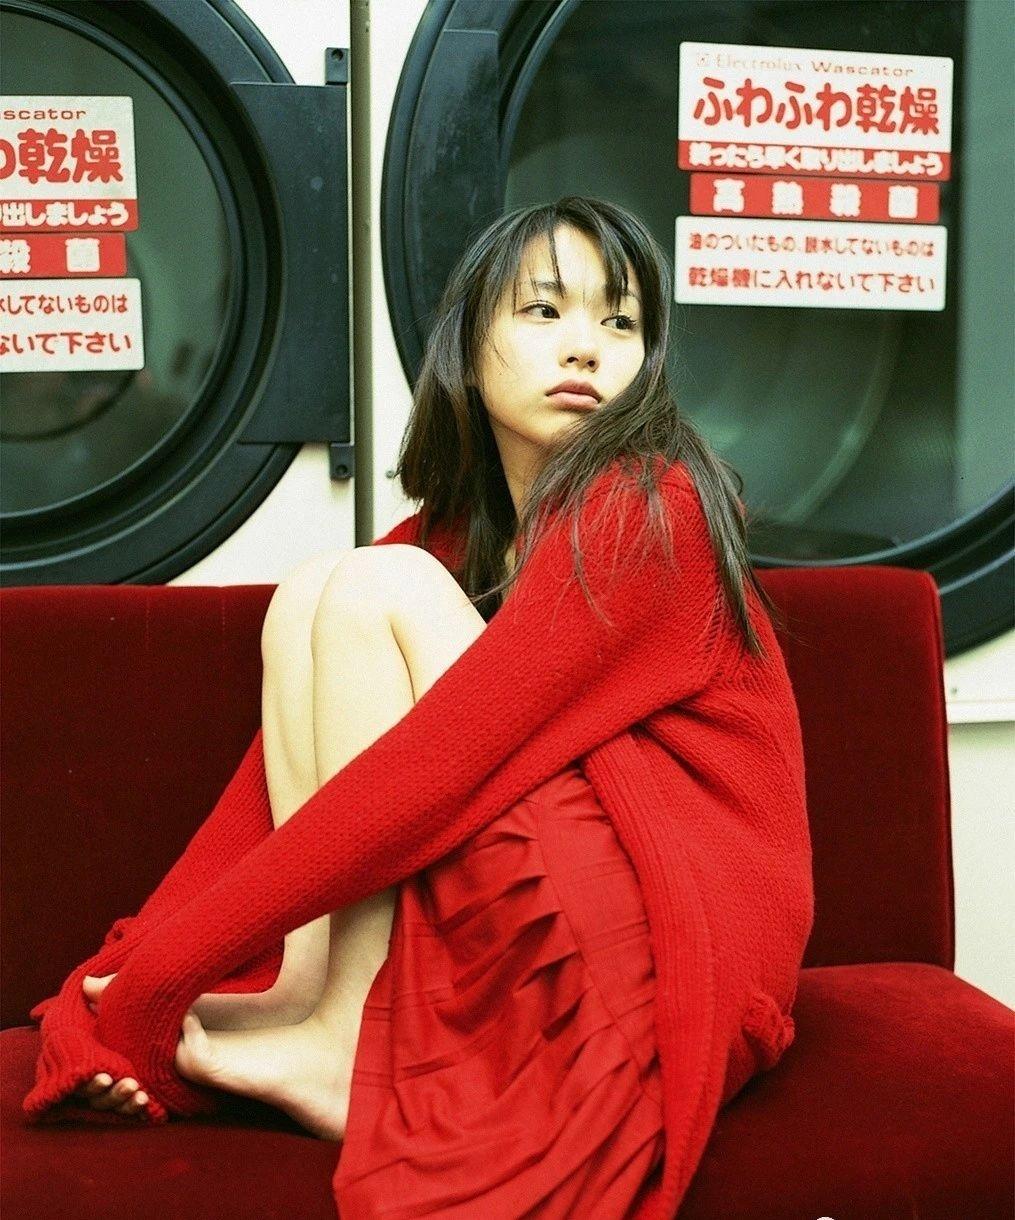 美的不可方物少女时代的户田惠梨香写真作品 (13)